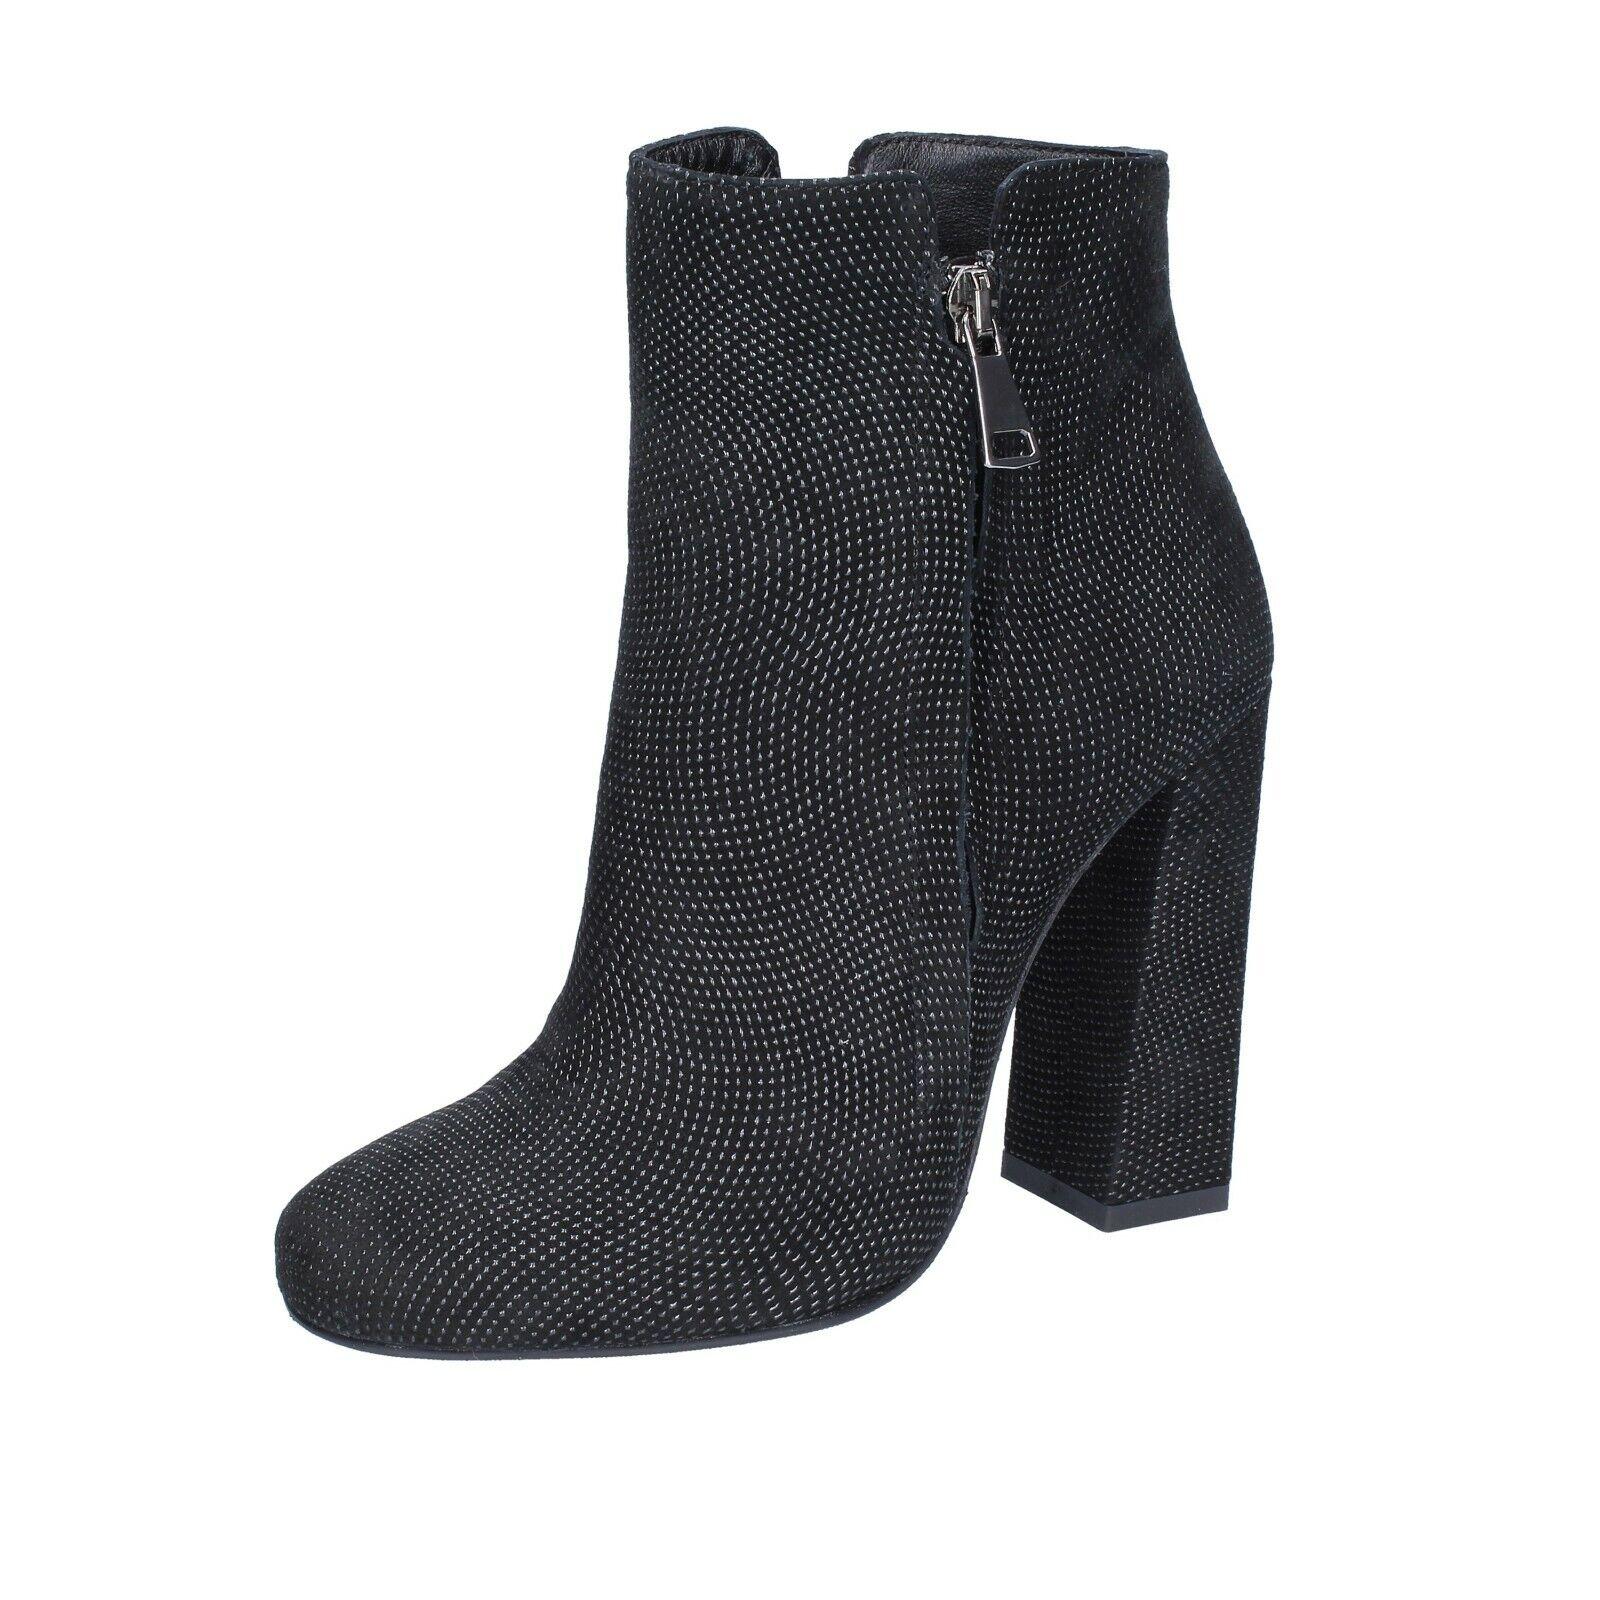 centro commerciale di moda Scarpe Scarpe Scarpe da donna Marc Ellis 37 UE STIVALETTI NERO CAMOSCIO bs599-37  servizio onesto